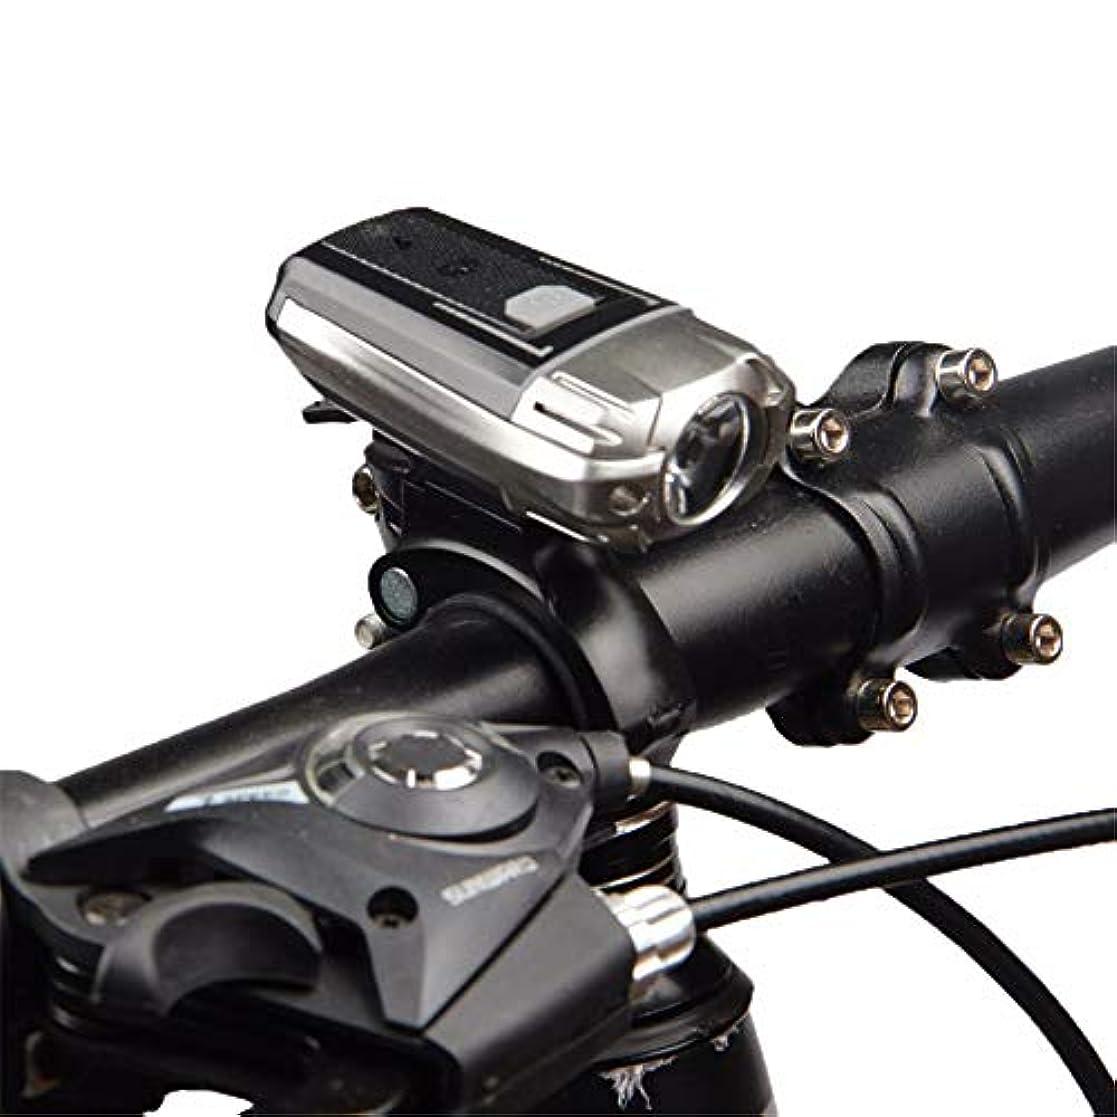 スクリュー人間愛USB充電式自転車ライト USB充電自転車自転車ヘッドライト300ルーメンマウンテンバイクヘッドライト自転車ライト